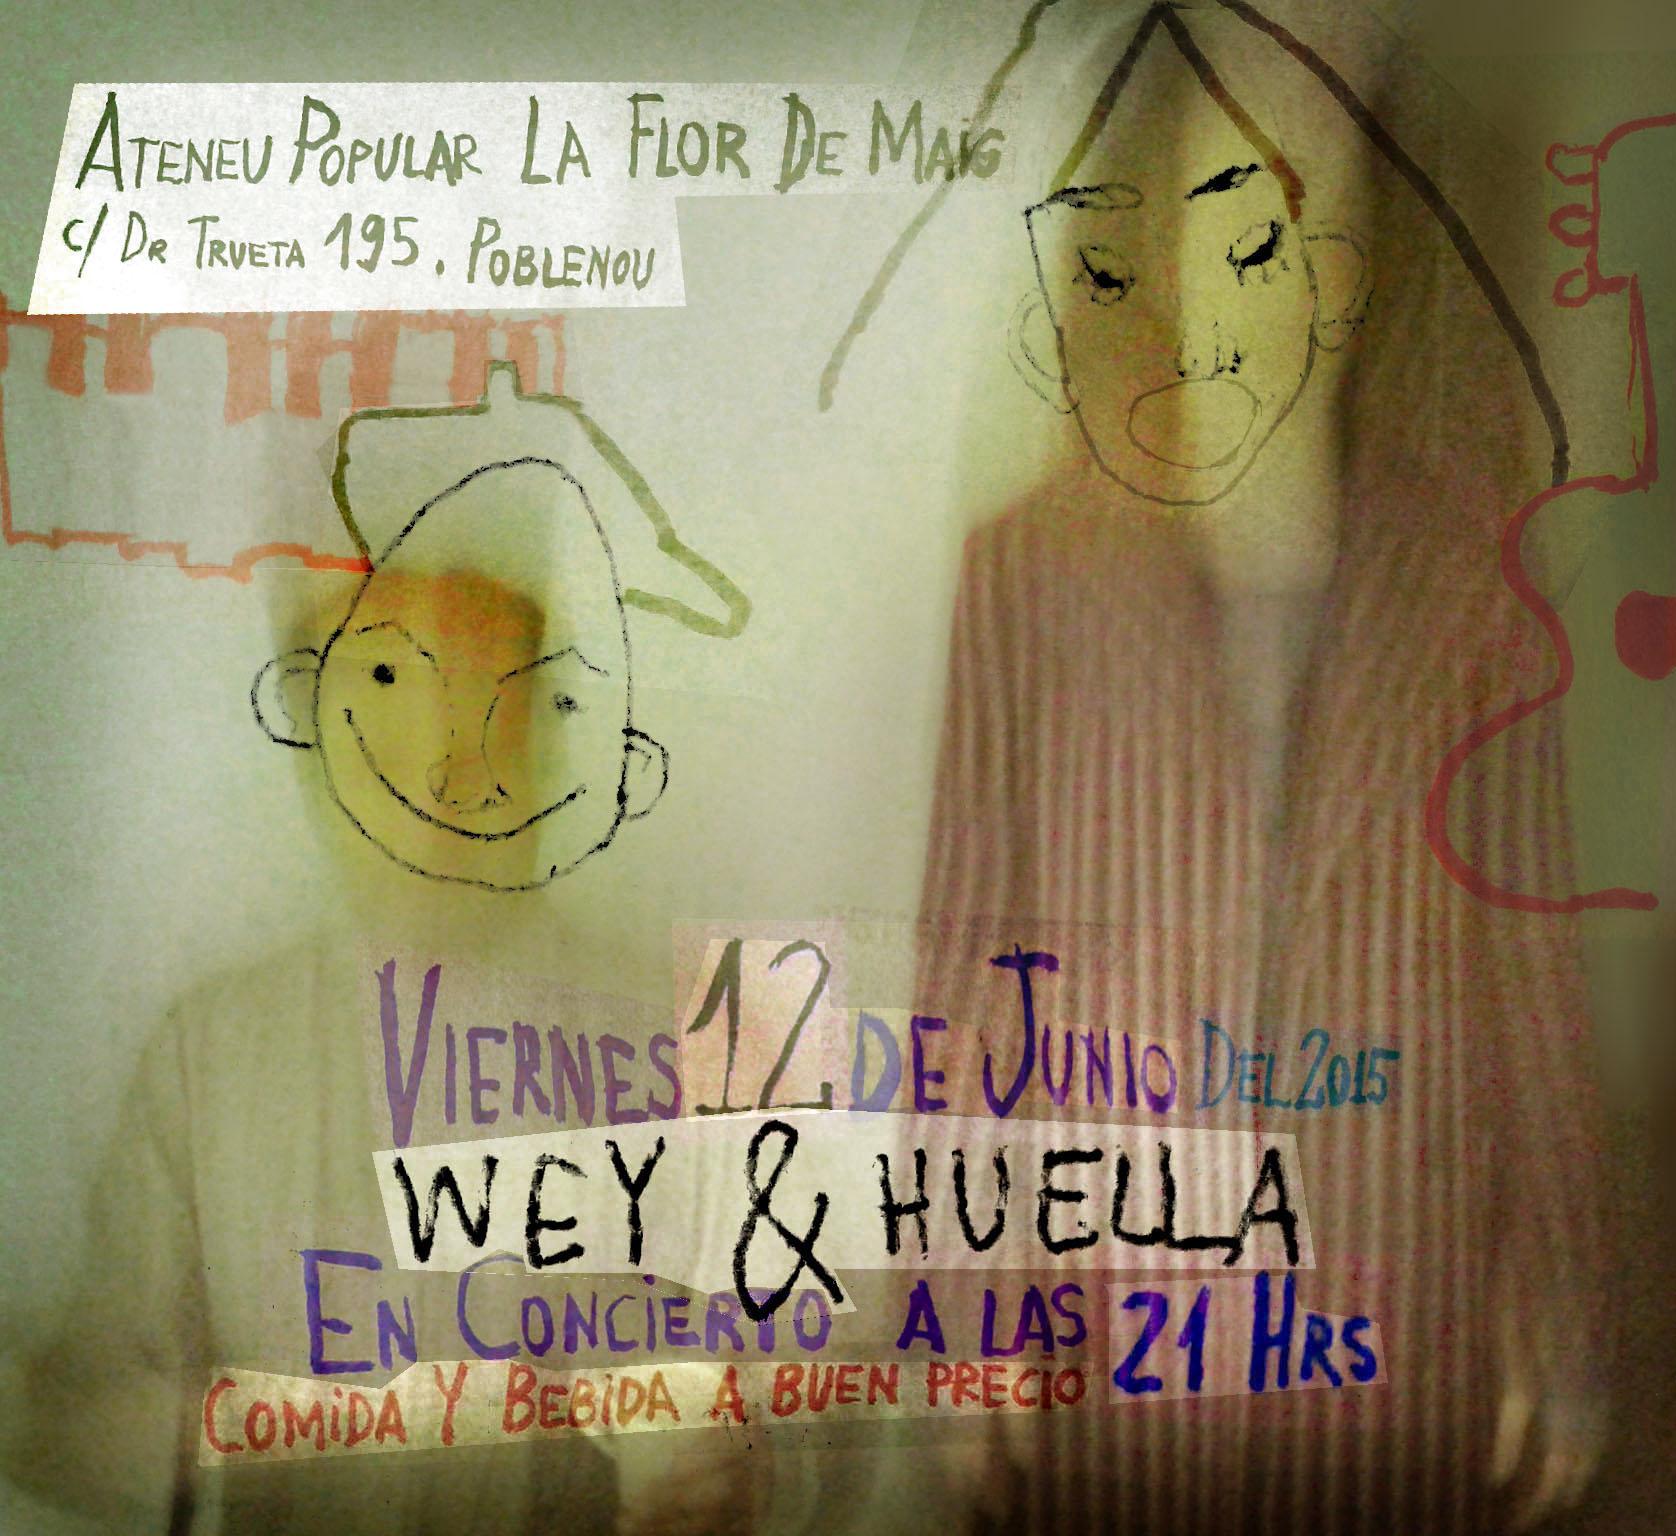 CONCERT 12 de juny a les 21h Wey & Huella